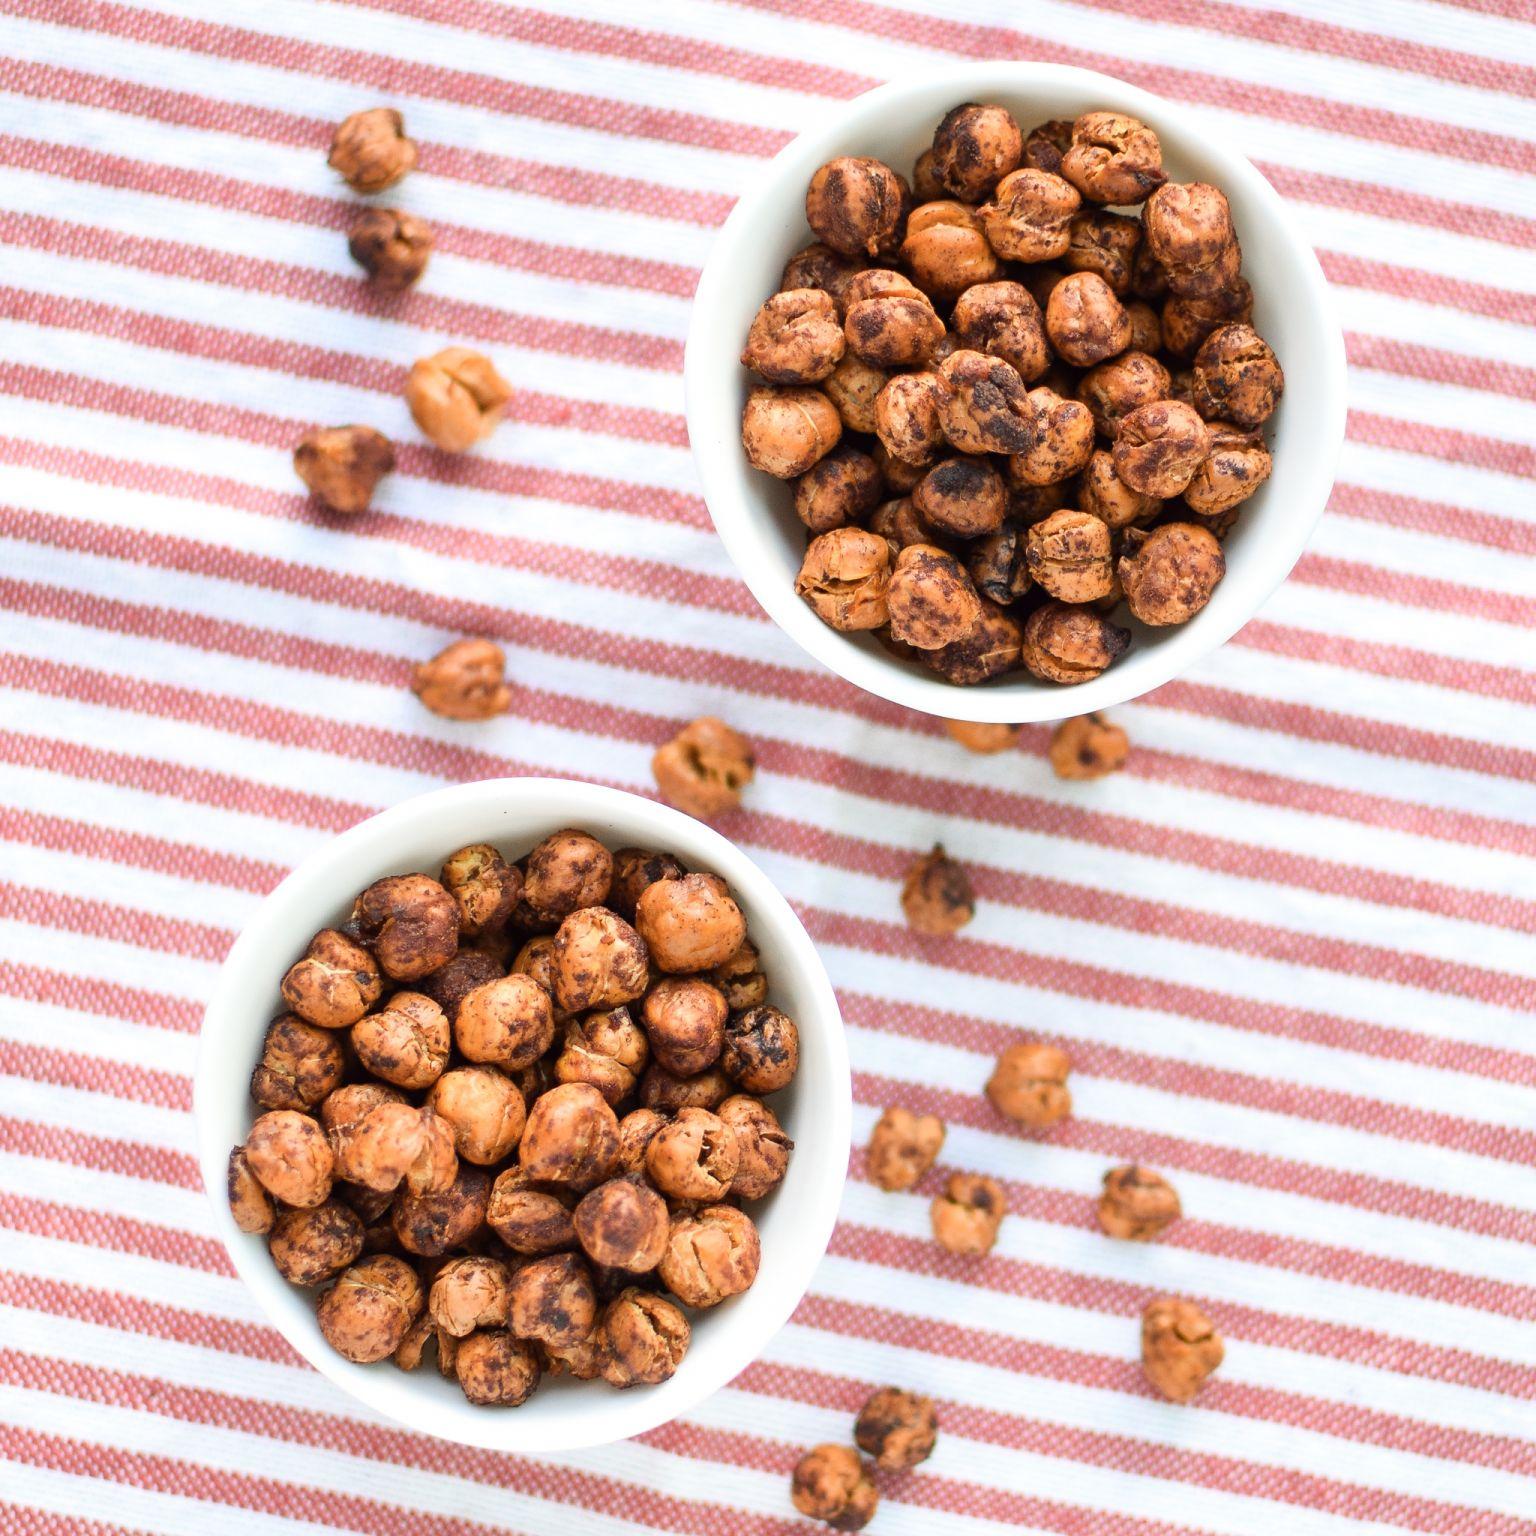 Crispy Cinnamon Roasted Chickpeas